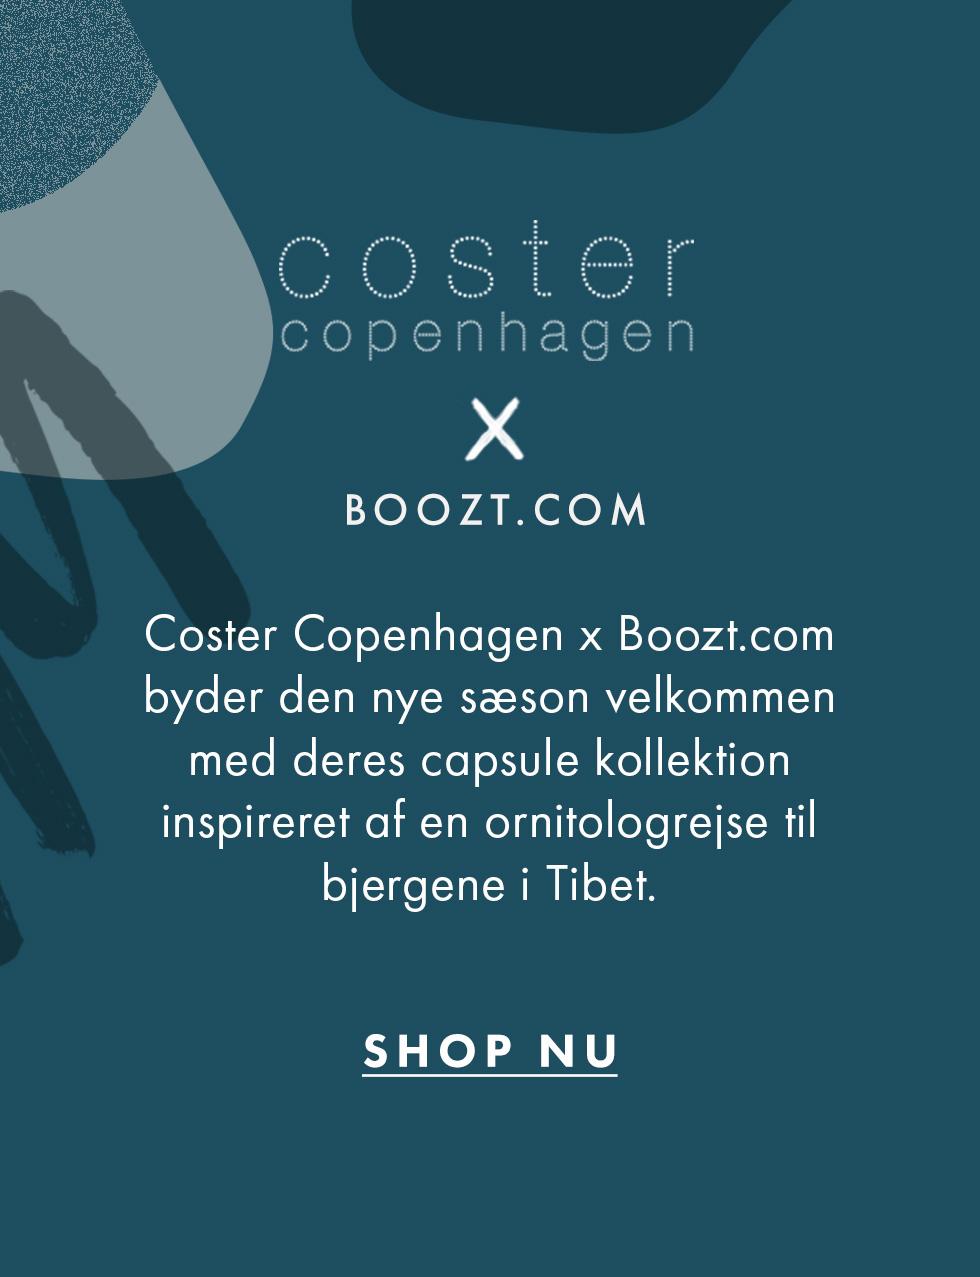 Boozt_Collabs_Carousel_11_en